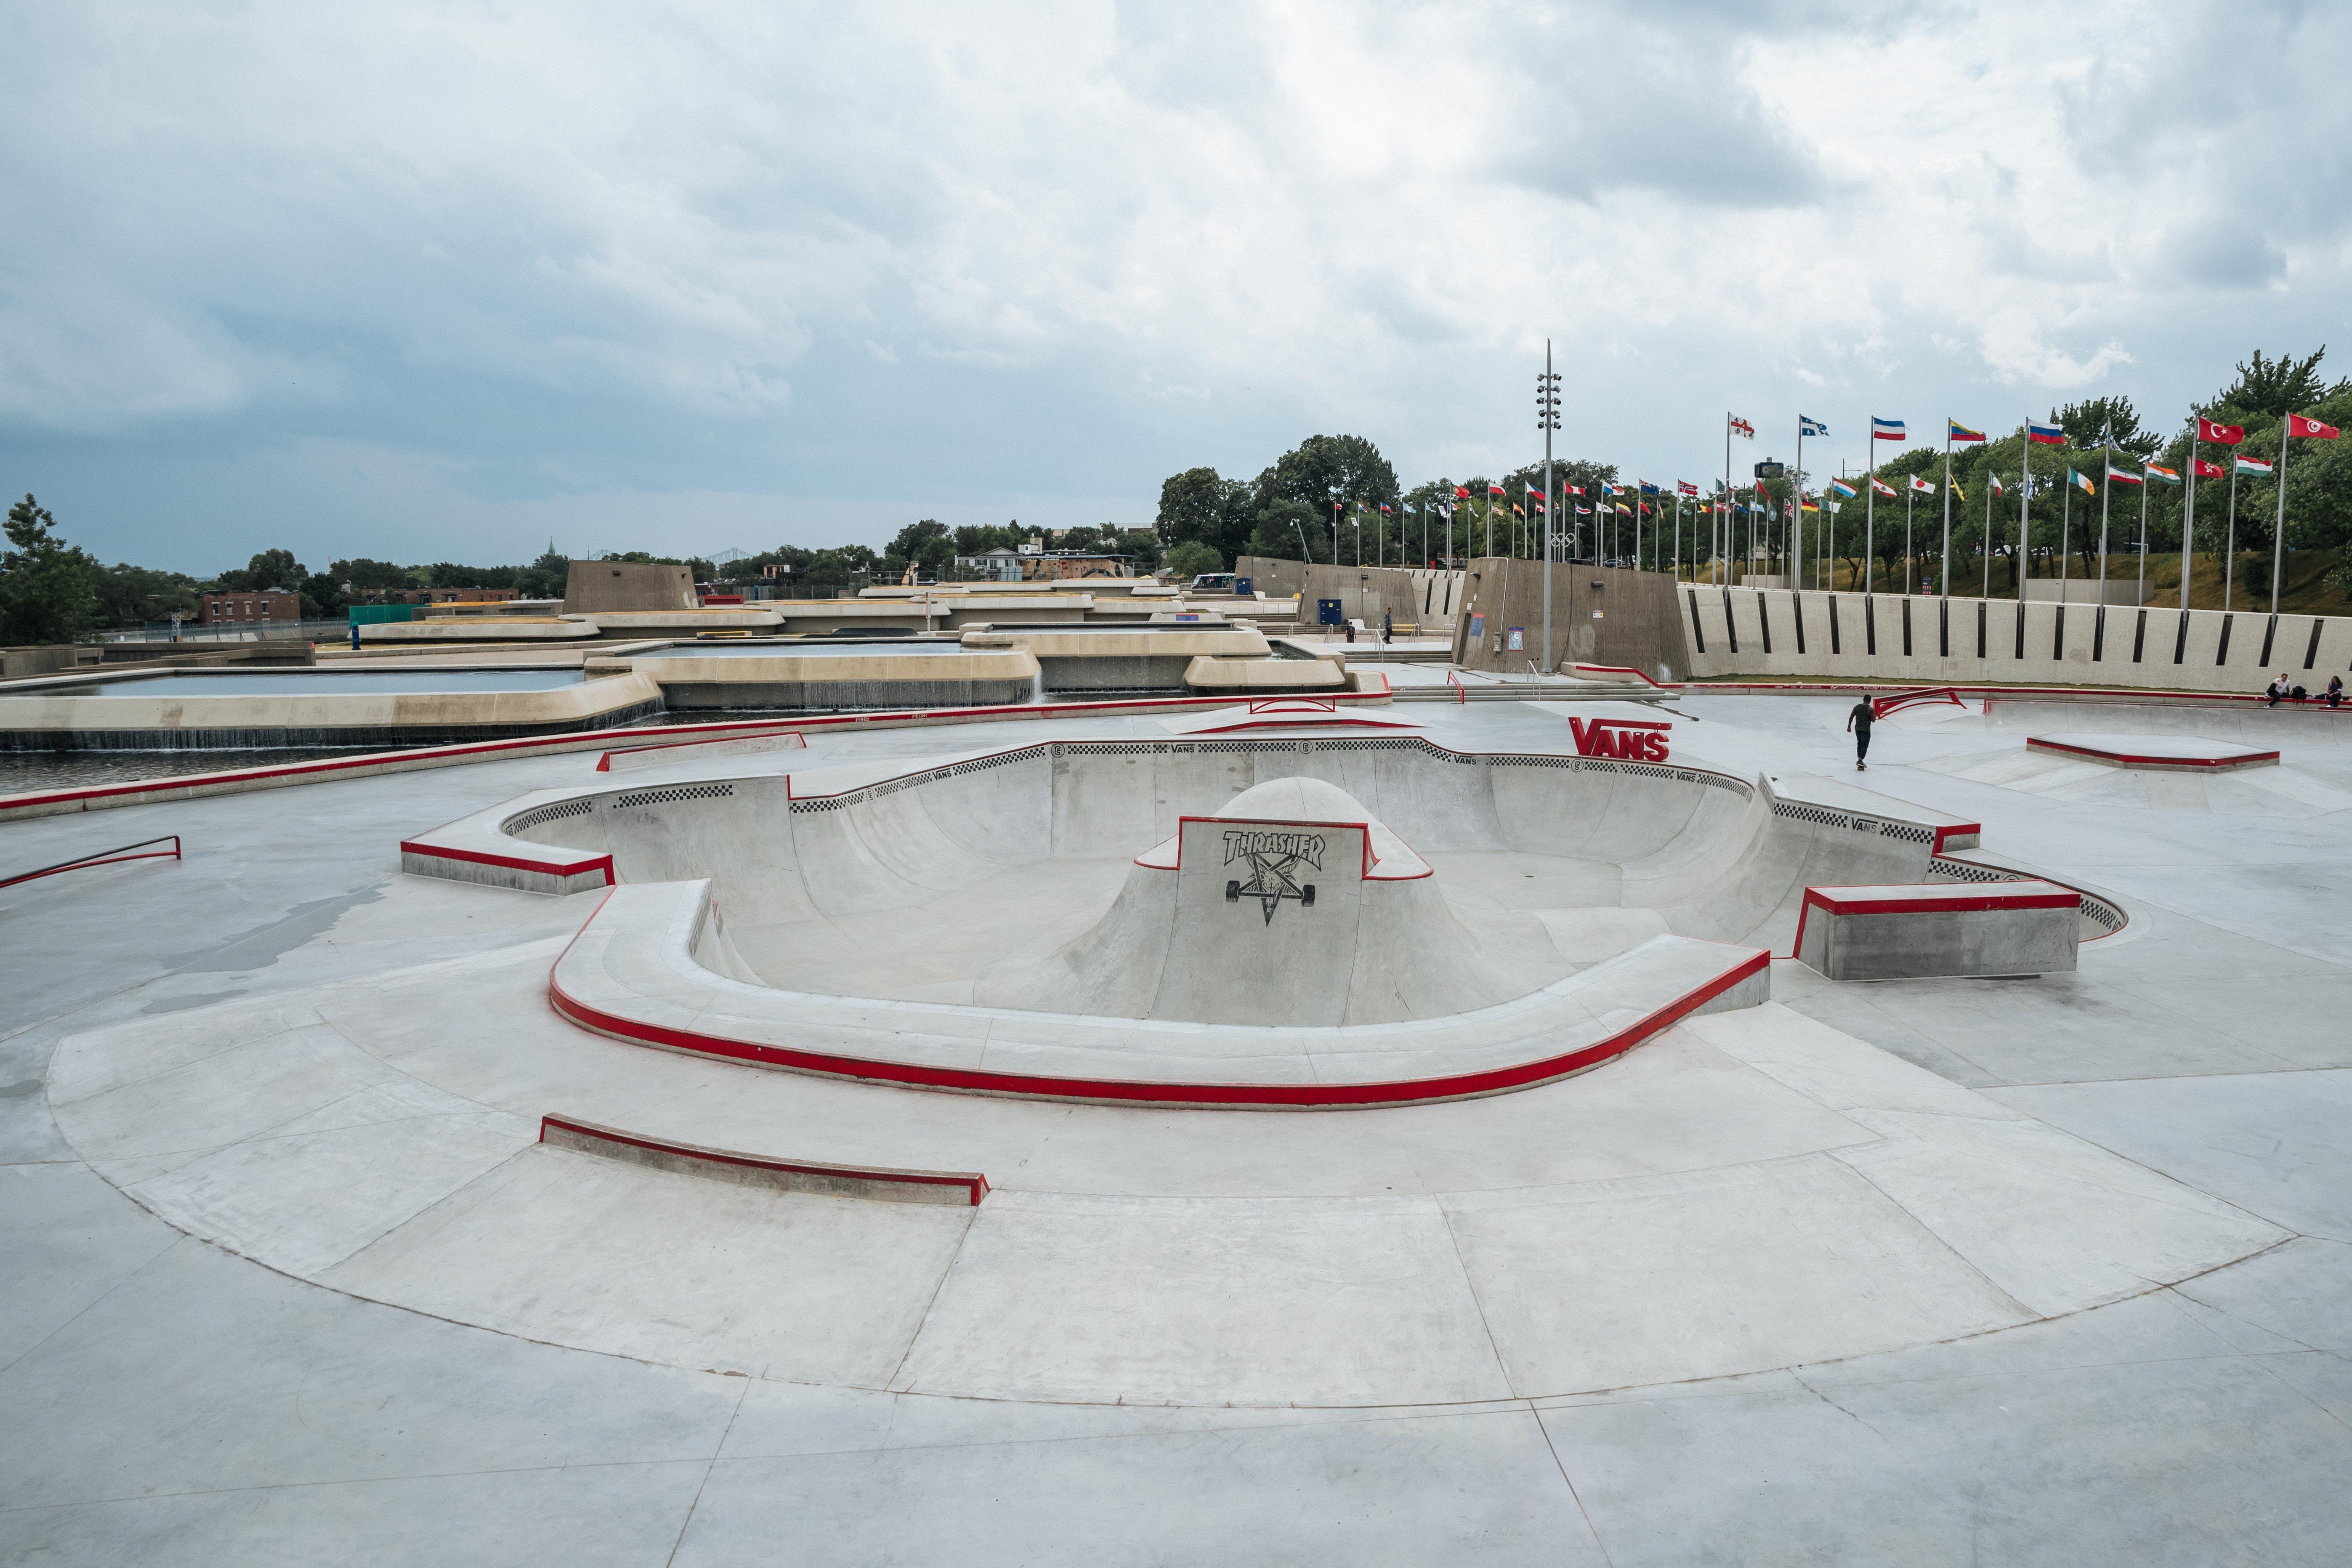 VansSkatepark-2_credit Ryan Lebel